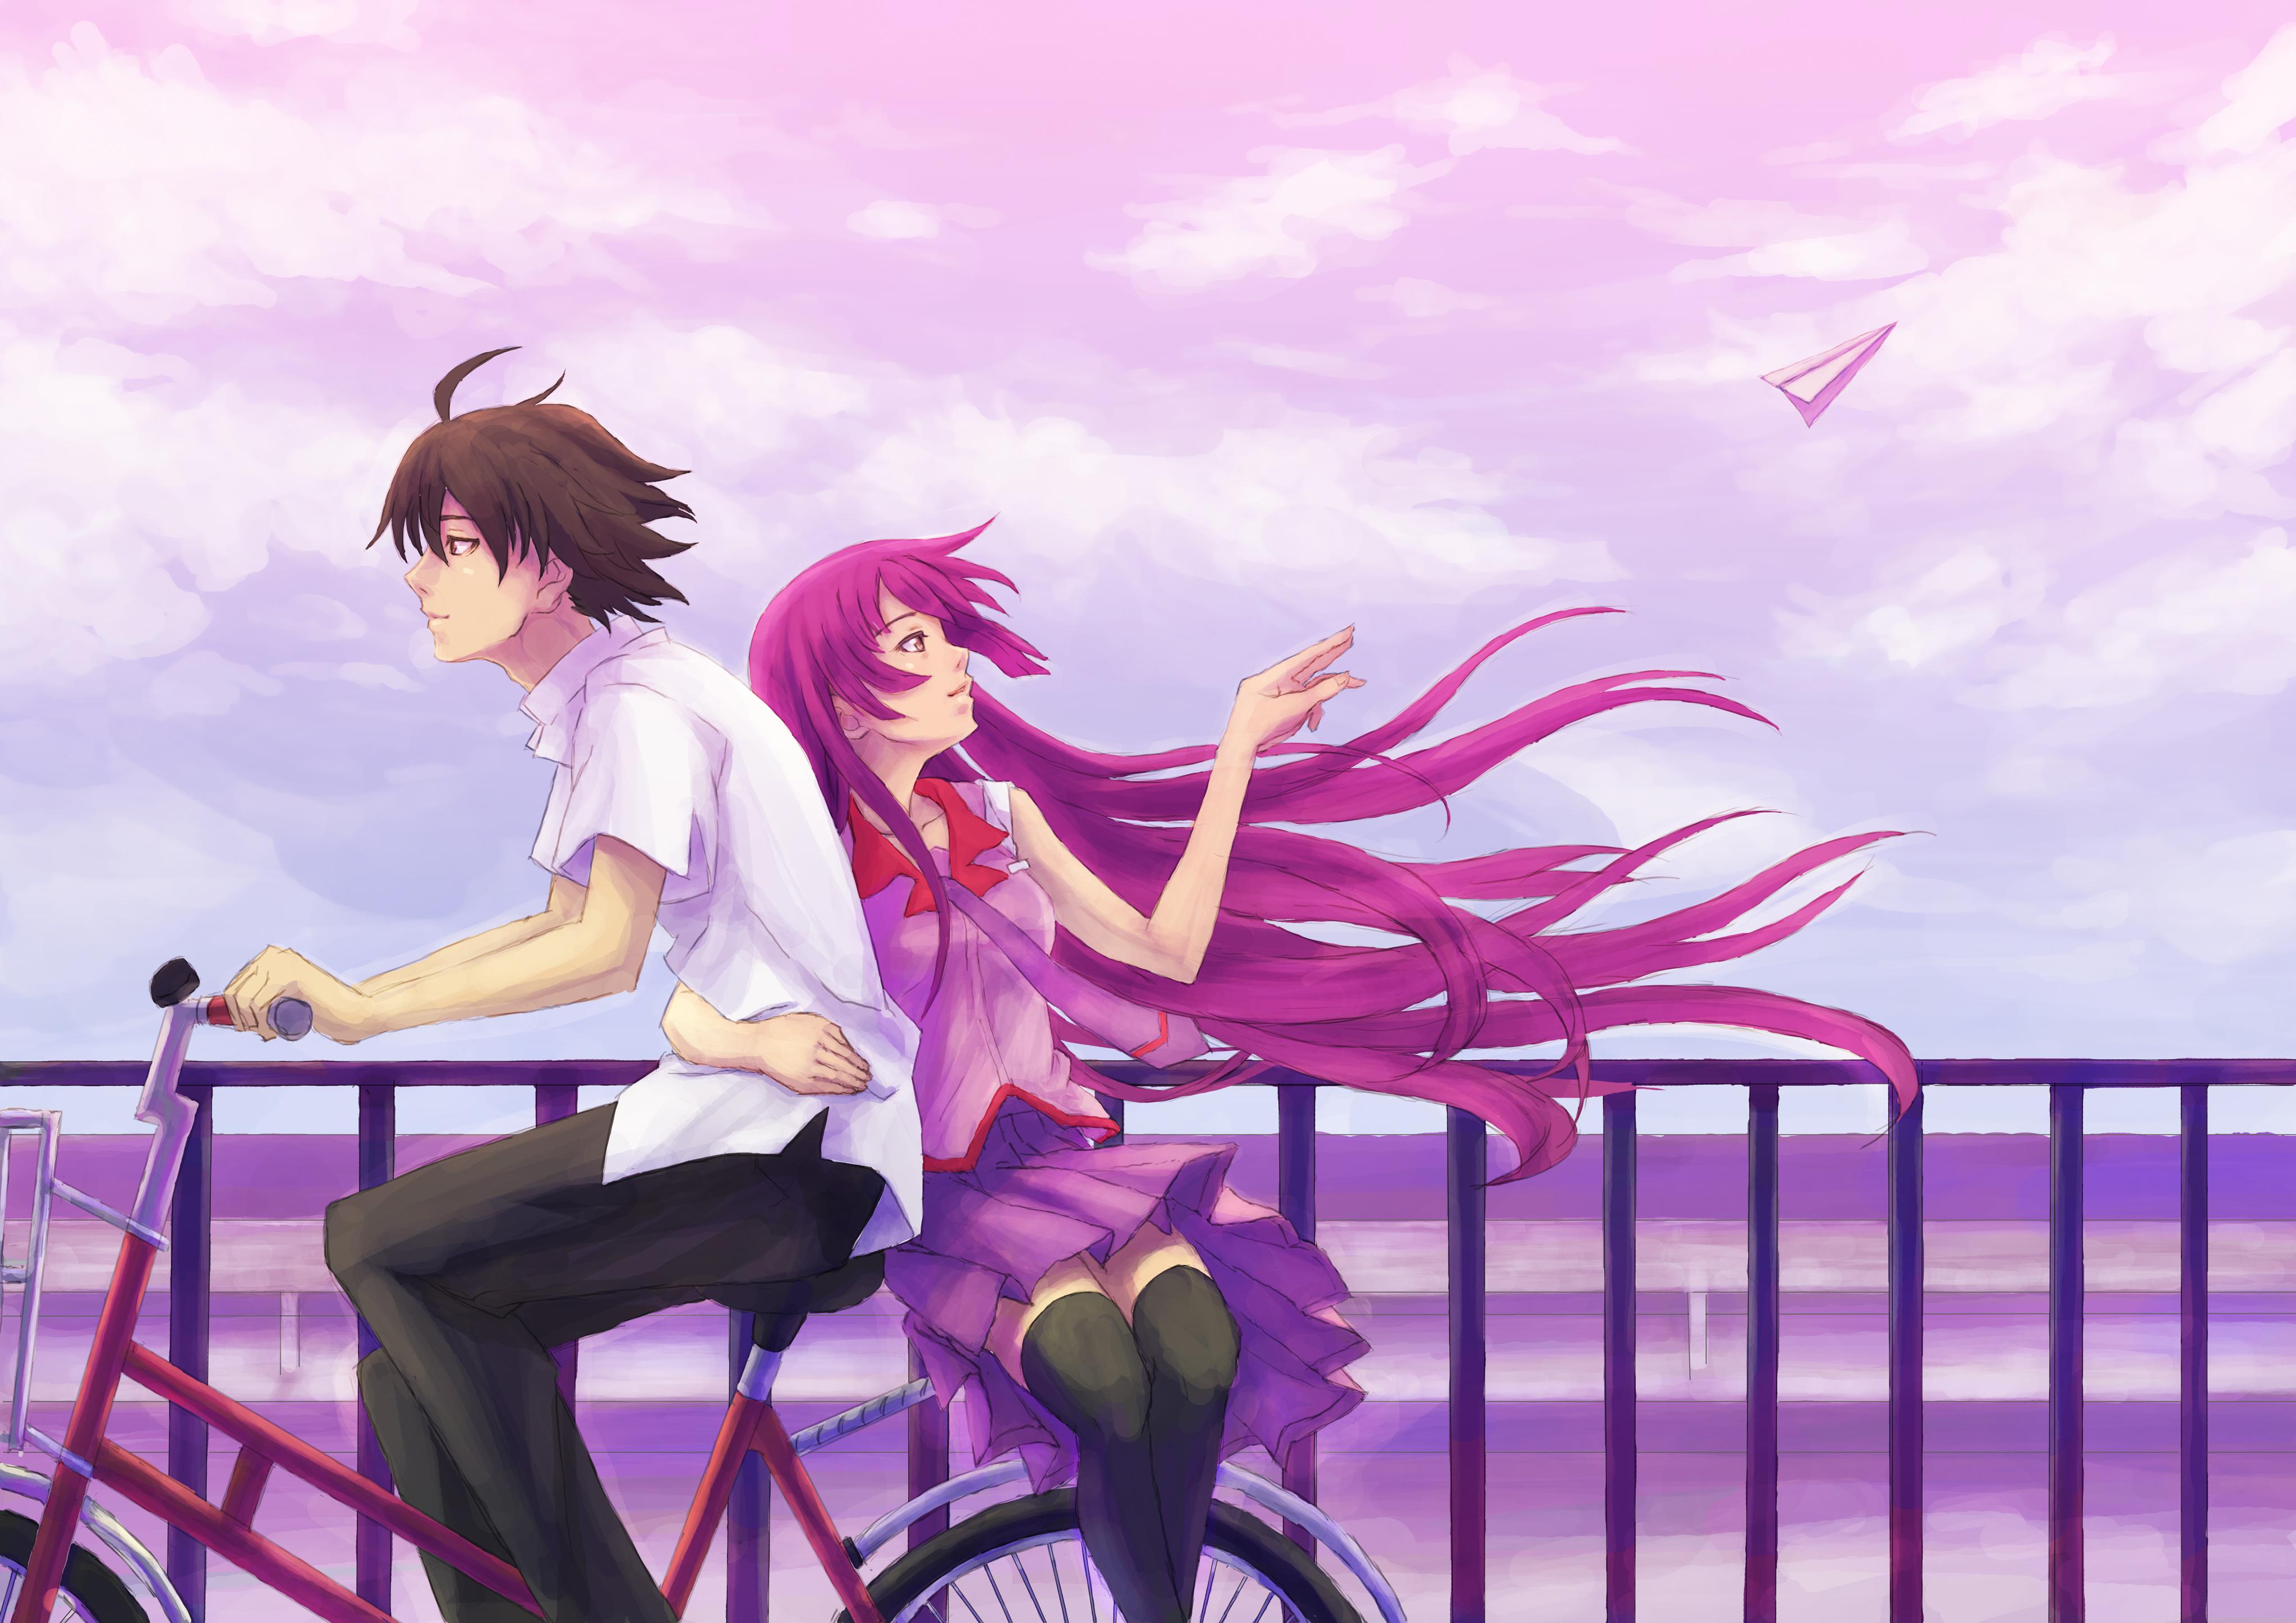 Pertama Dari Monogatara Series Dengan Pasangan Senjougahara Hitagi Dan Araragi Koyomi Mereka Berdua Unik Karena Merupakan Tsundere